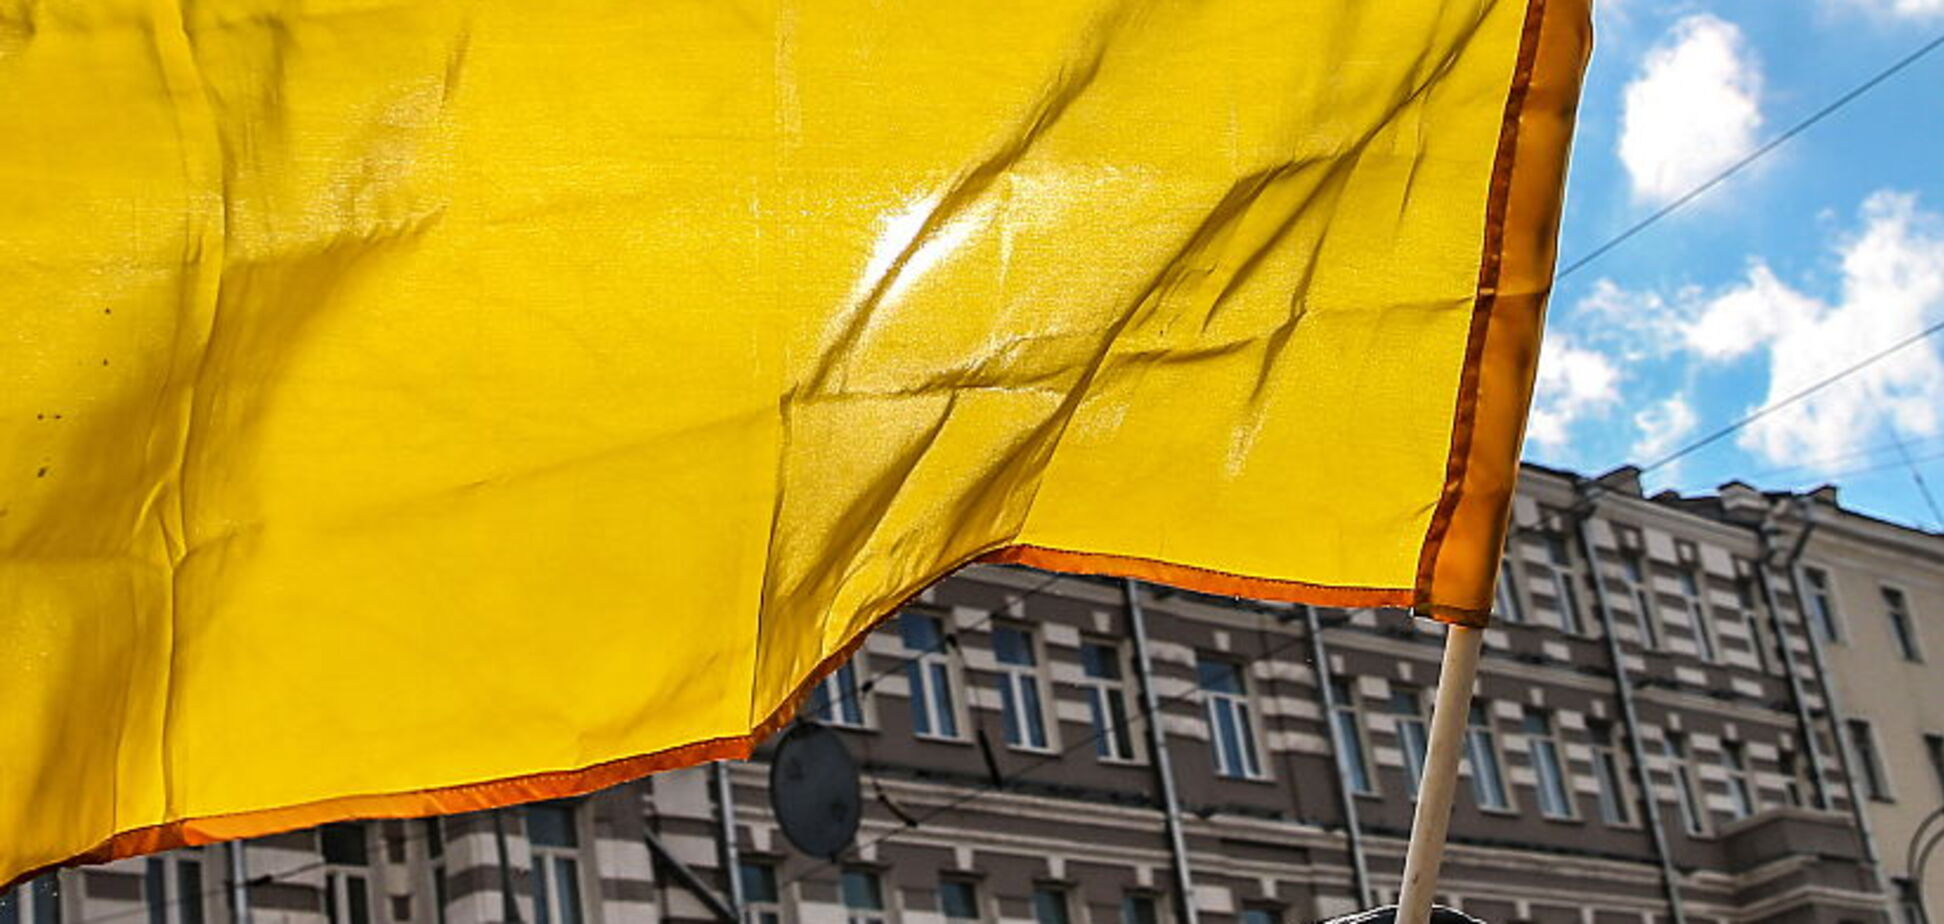 Украина может стать безлюдной степью: в Польше предупредили о грядущей катастрофе